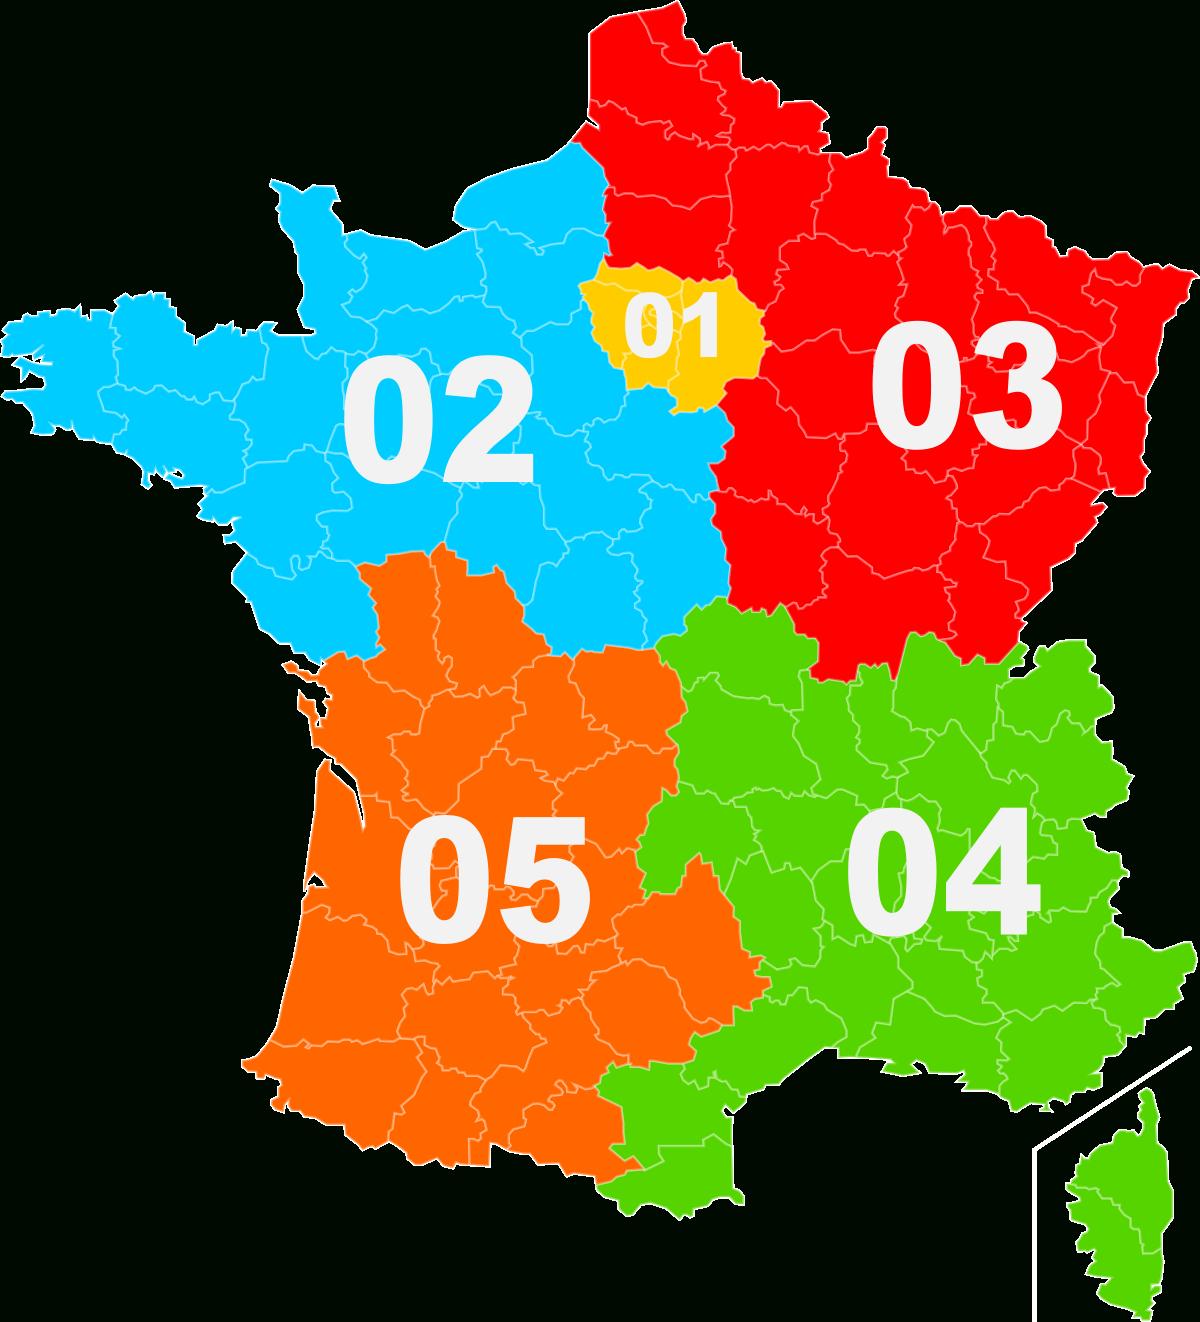 Liste Des Indicatifs Téléphoniques En France — Wikipédia intérieur Régions De France Liste